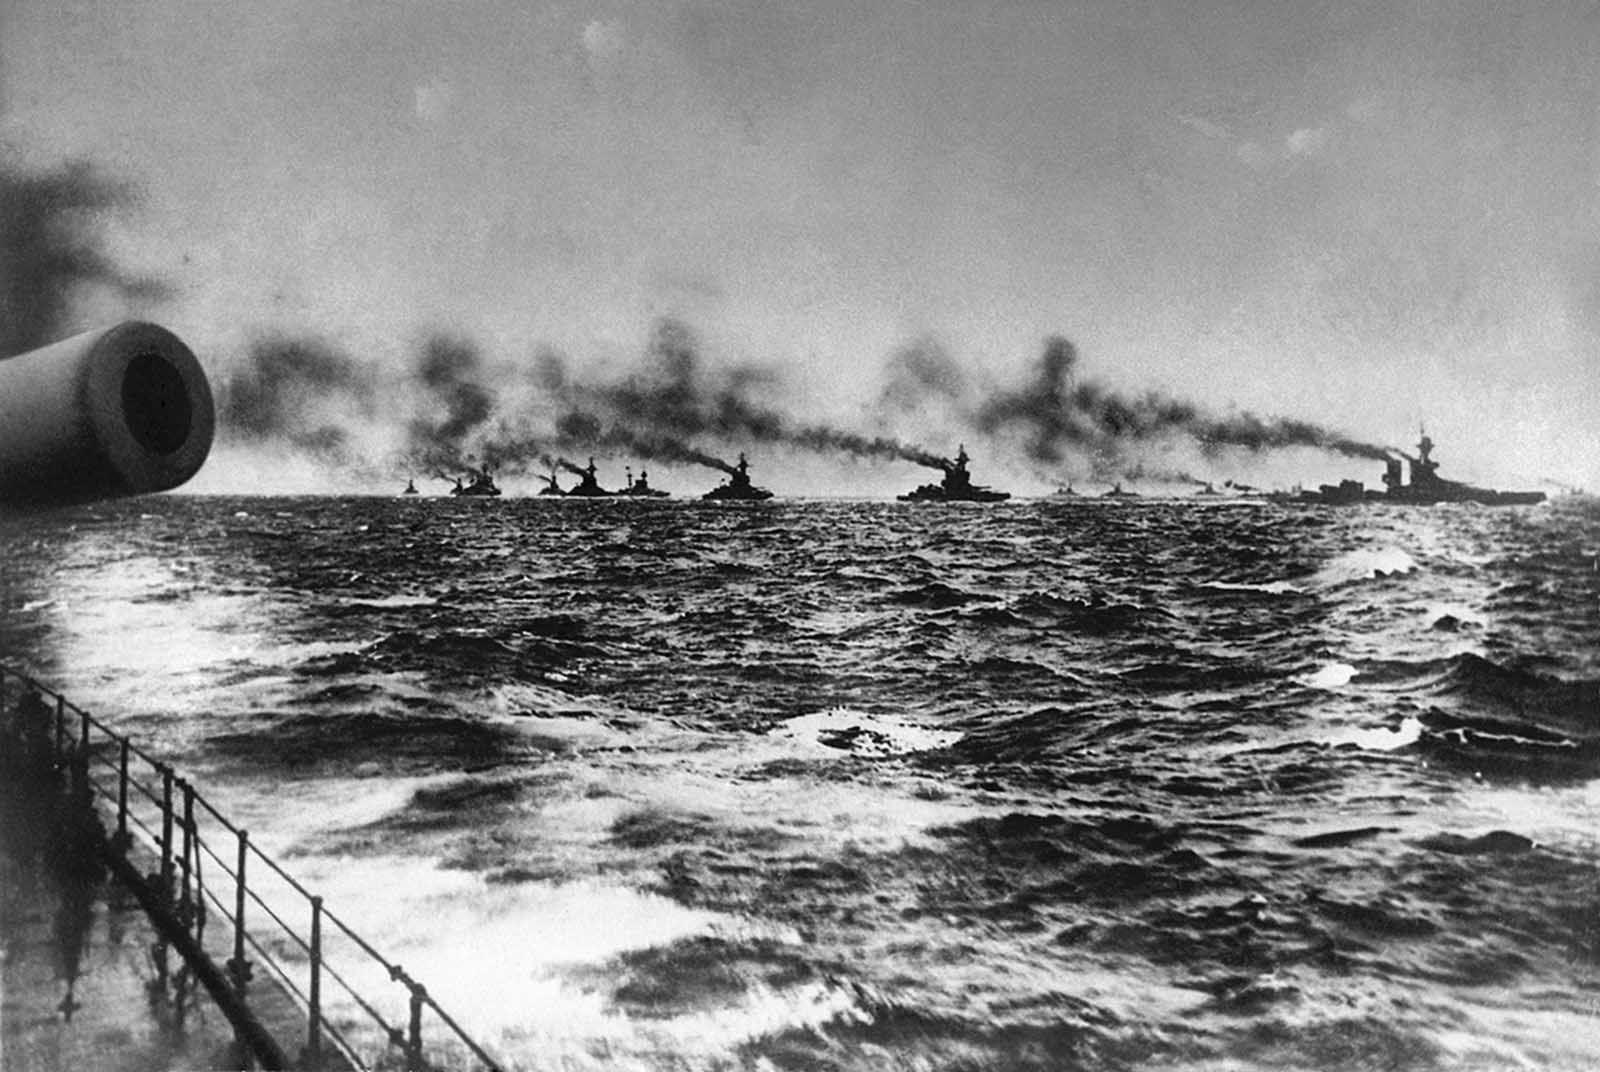 The Naval Warfare Of World War One 1914 1918 Rare Historical Photos World War One World War I World War